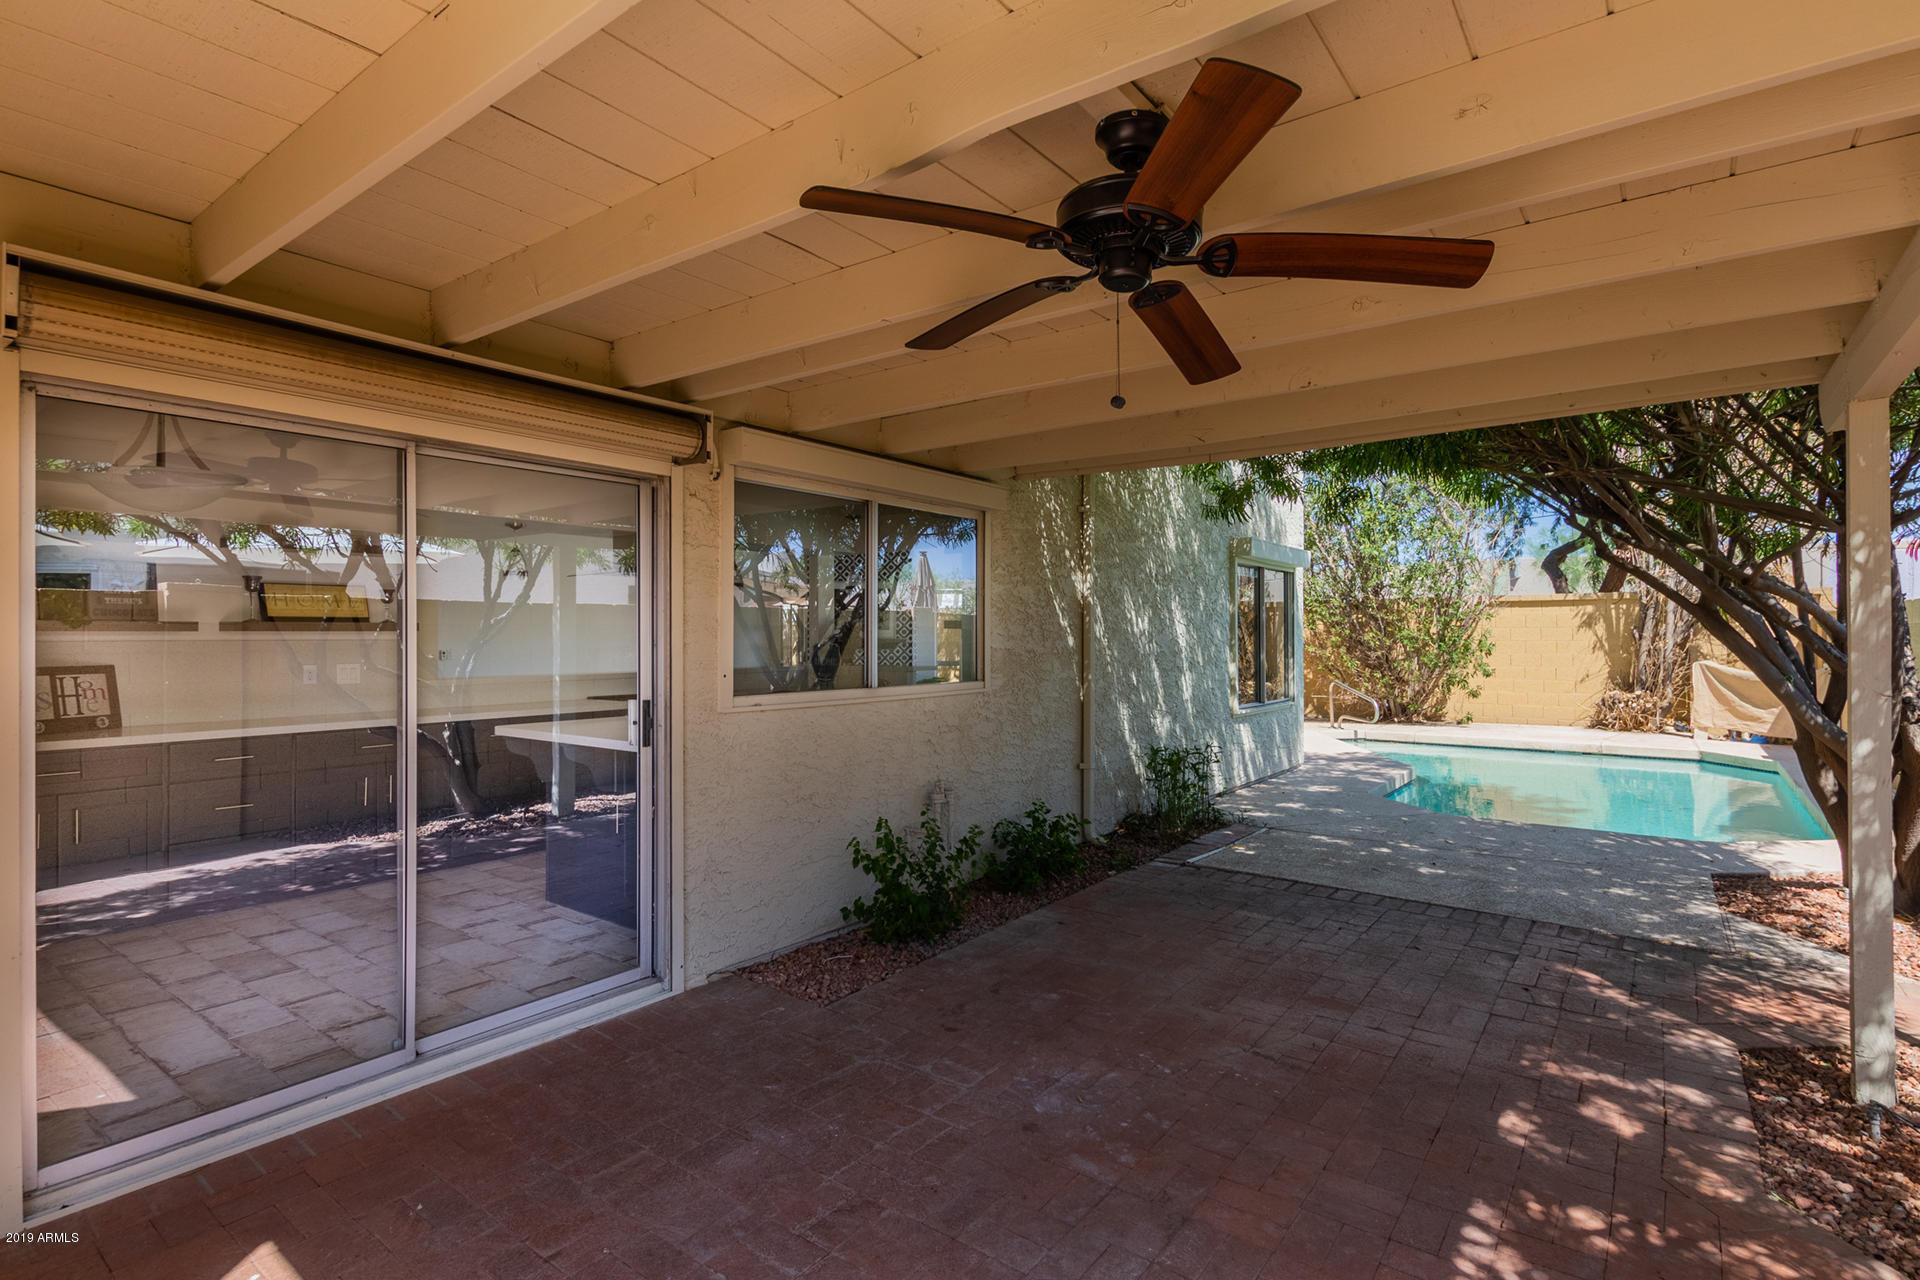 MLS 5971847 9031 N 87TH Way, Scottsdale, AZ 85258 Scottsdale AZ Private Pool